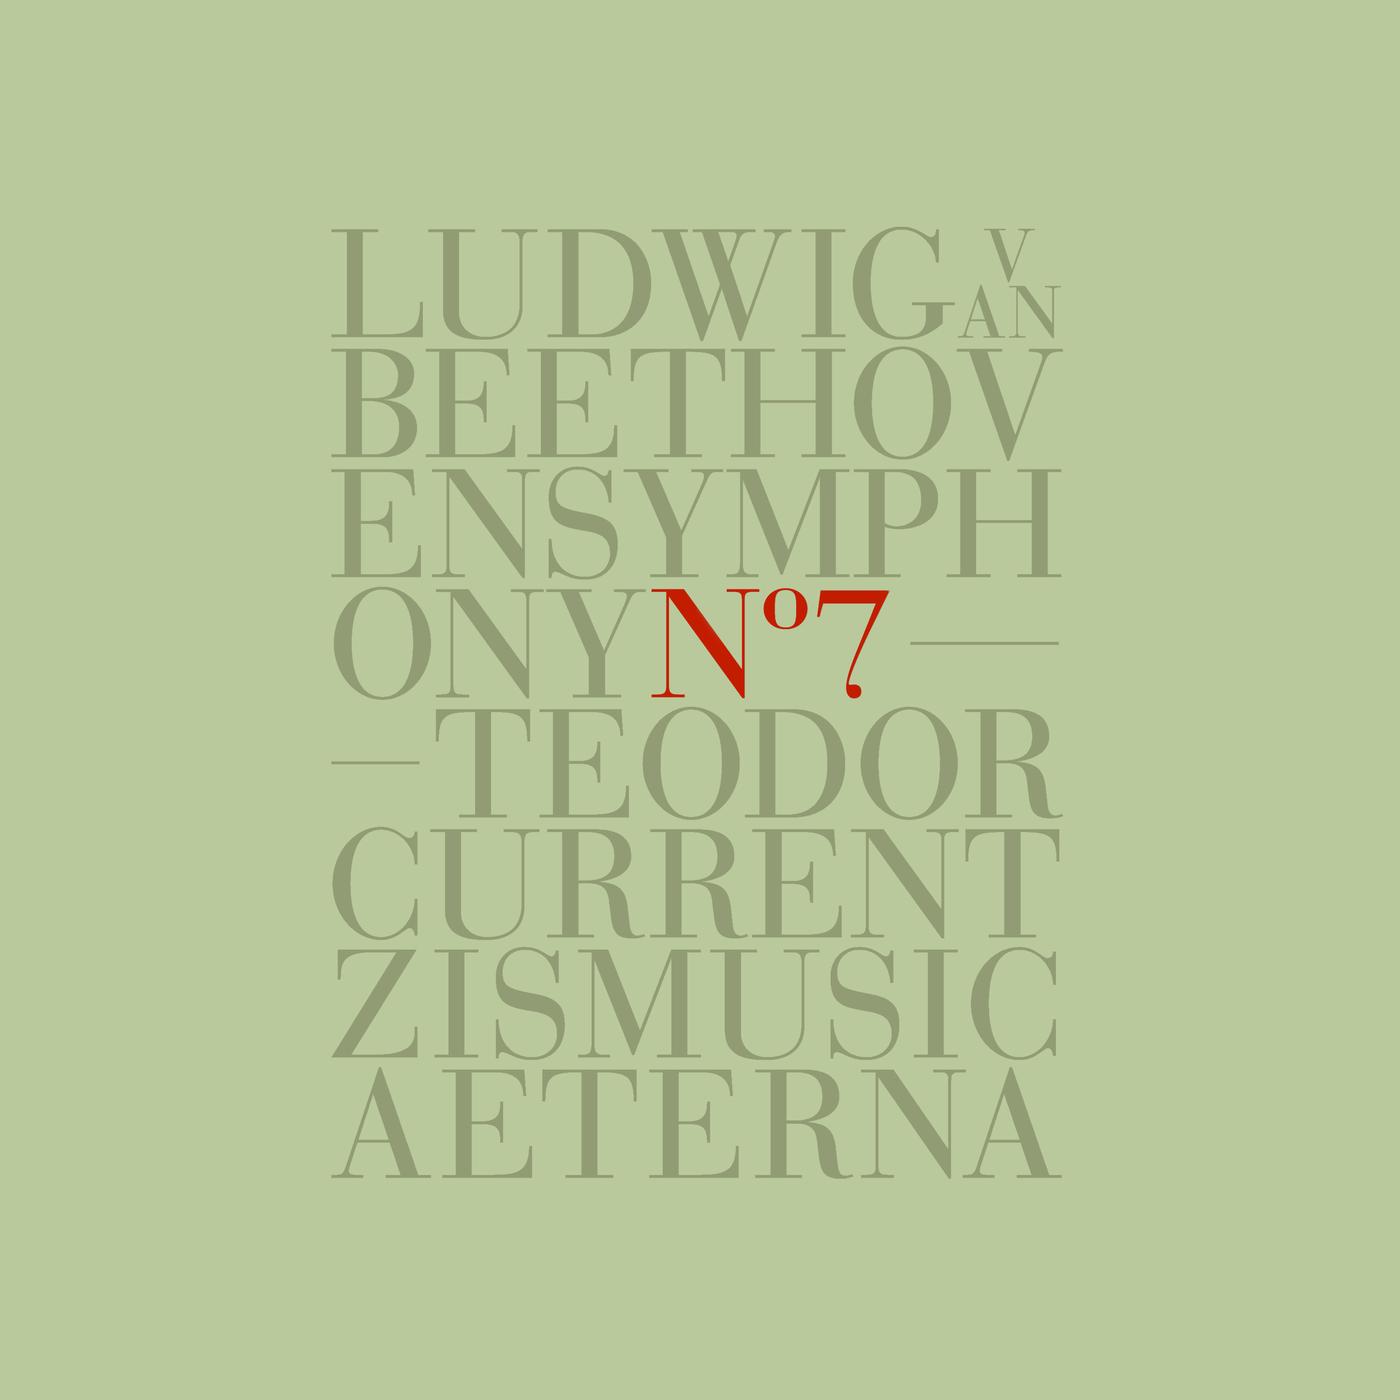 테오도르 쿠렌치스 & 무지카 에테르나 (Teodor Currentzis & MusicAeterna) - [베토벤 교향곡 제 7번](Beethoven Symphony No.7)